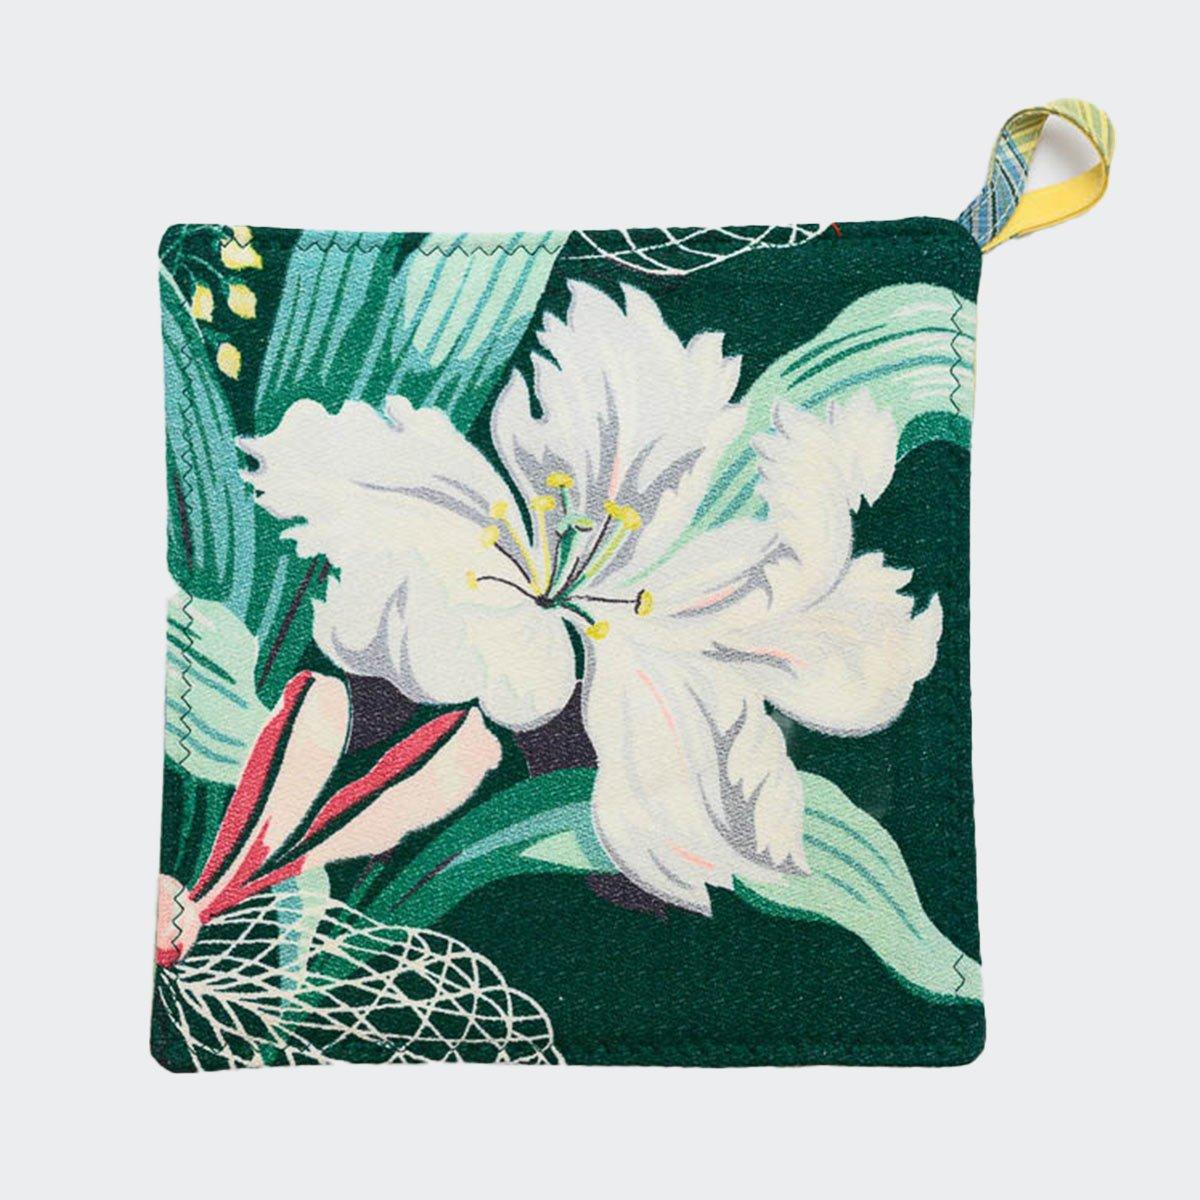 potholders_floral_motif_on_green-MLP_6149